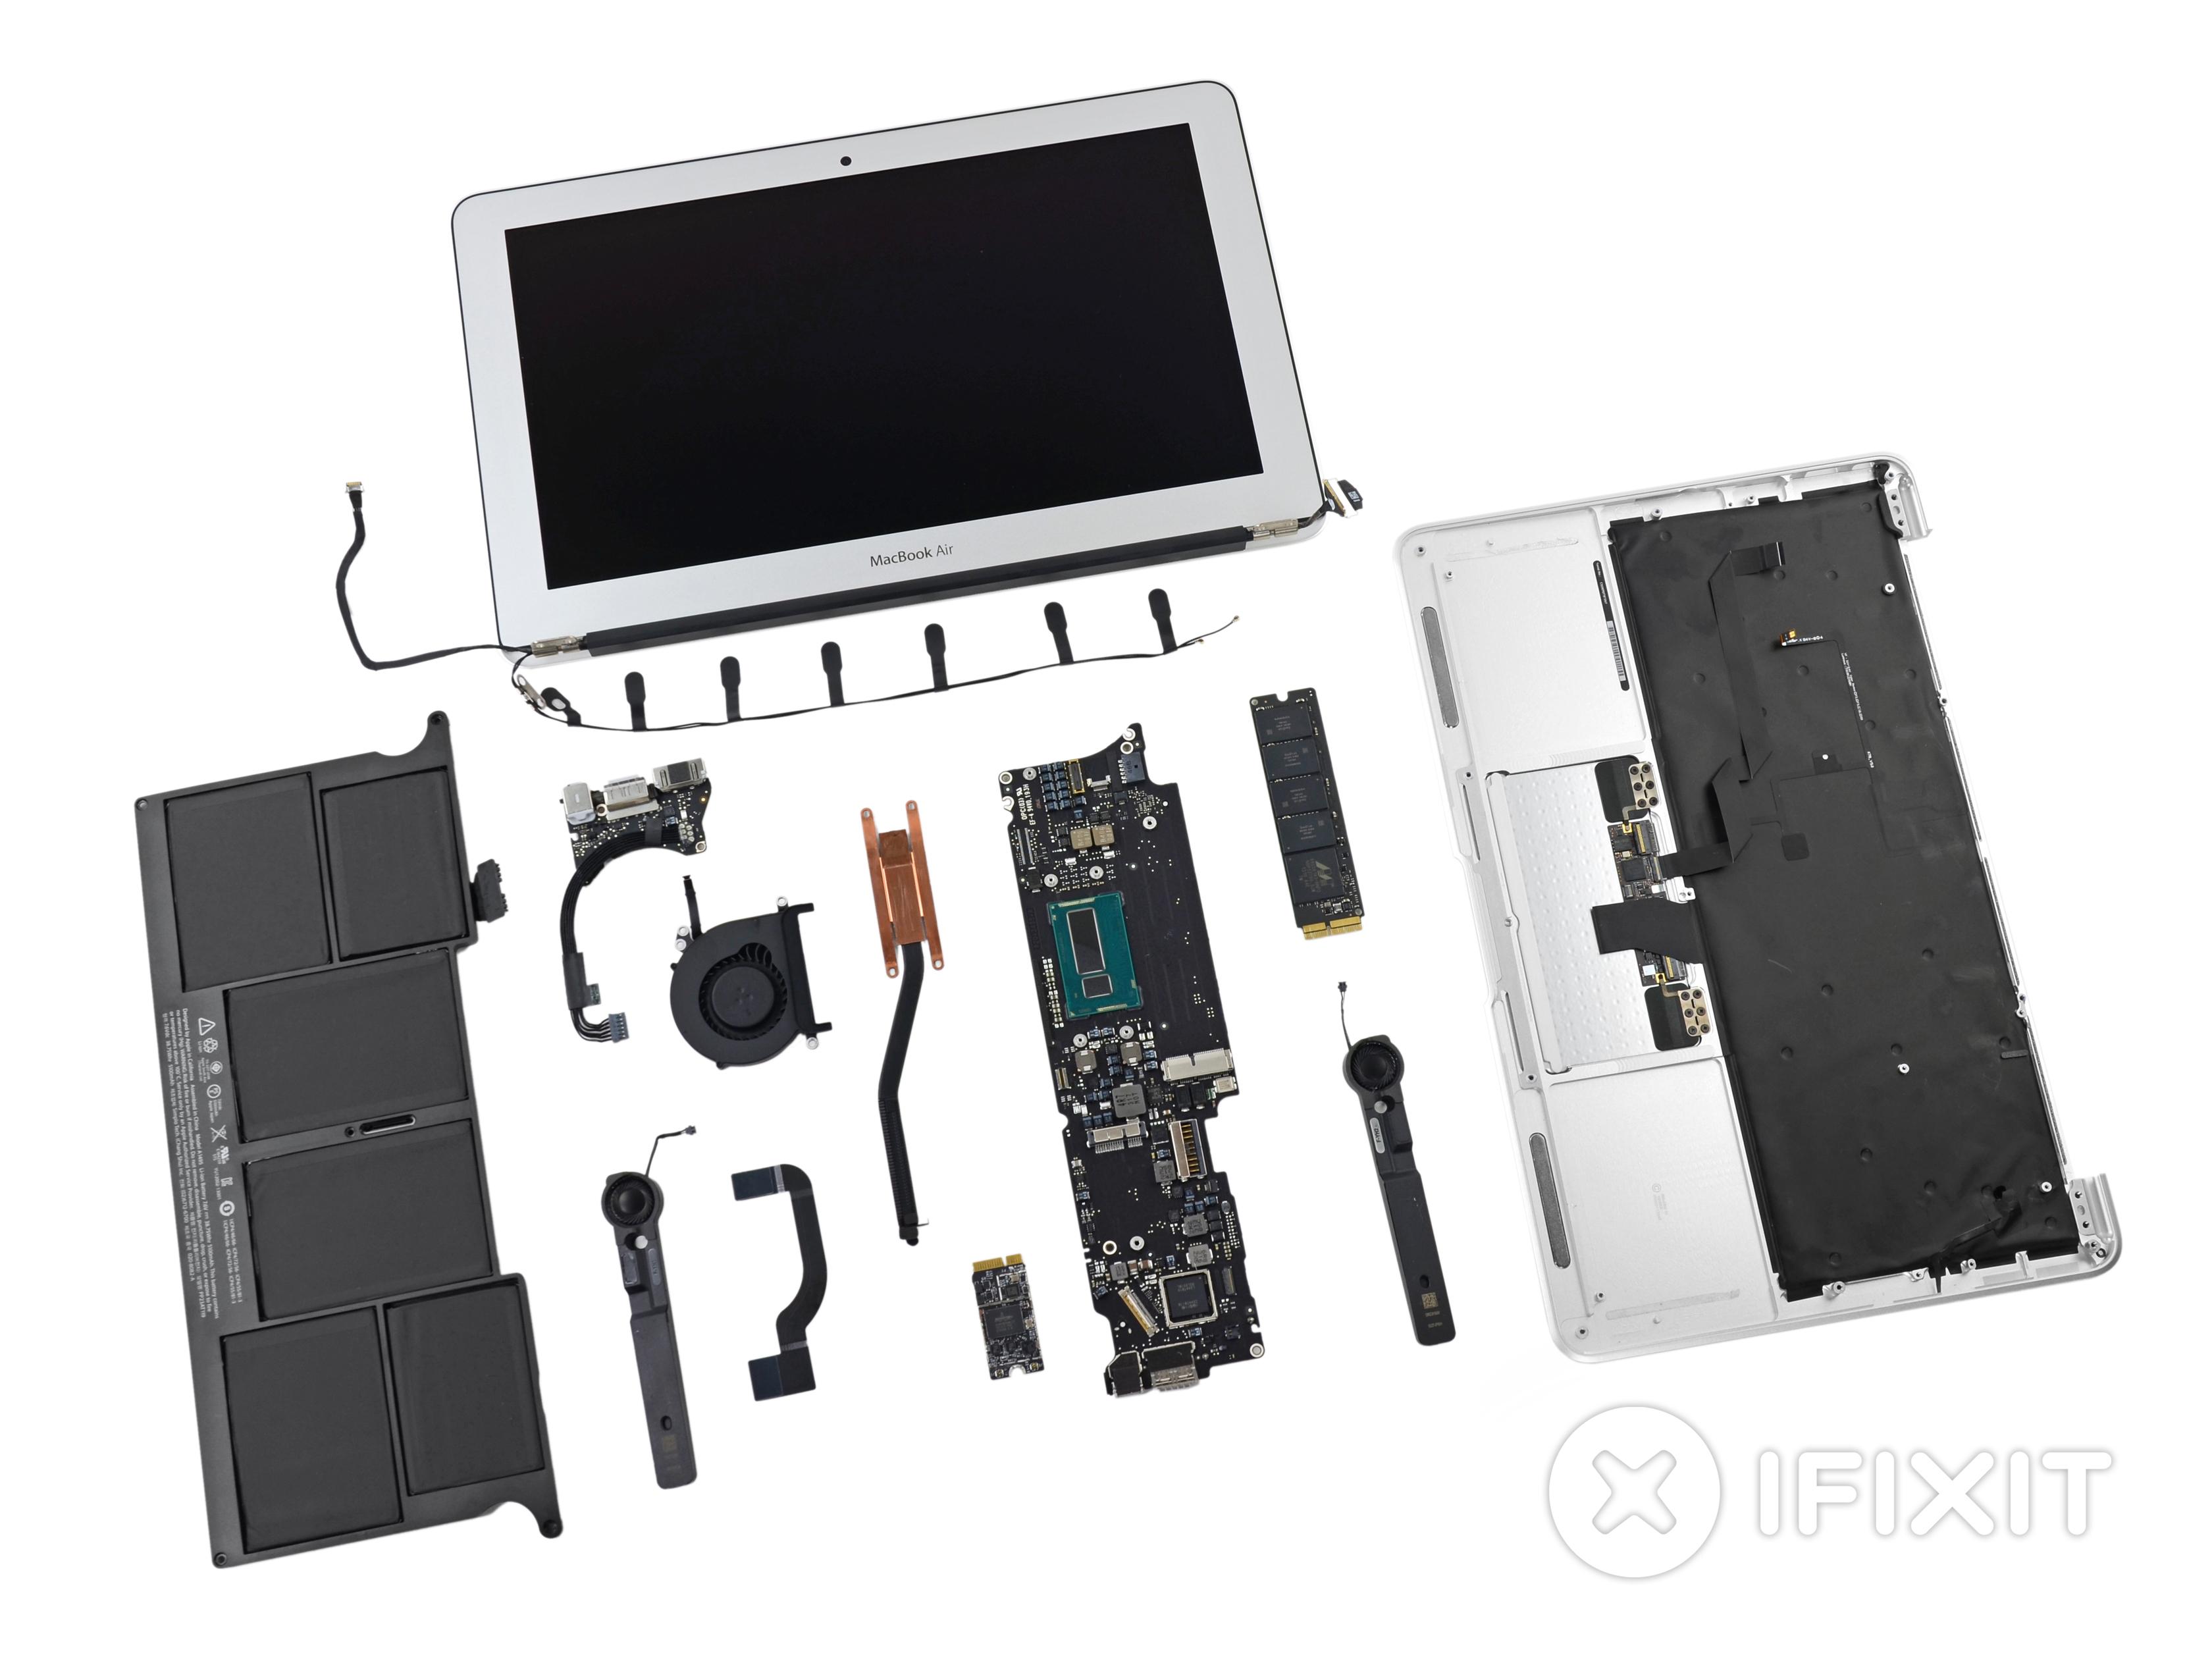 macbook air 11 mid 2013 teardown ifixit rh ifixit com apple macbook air manual 2013 MacBook Air Case with Screen